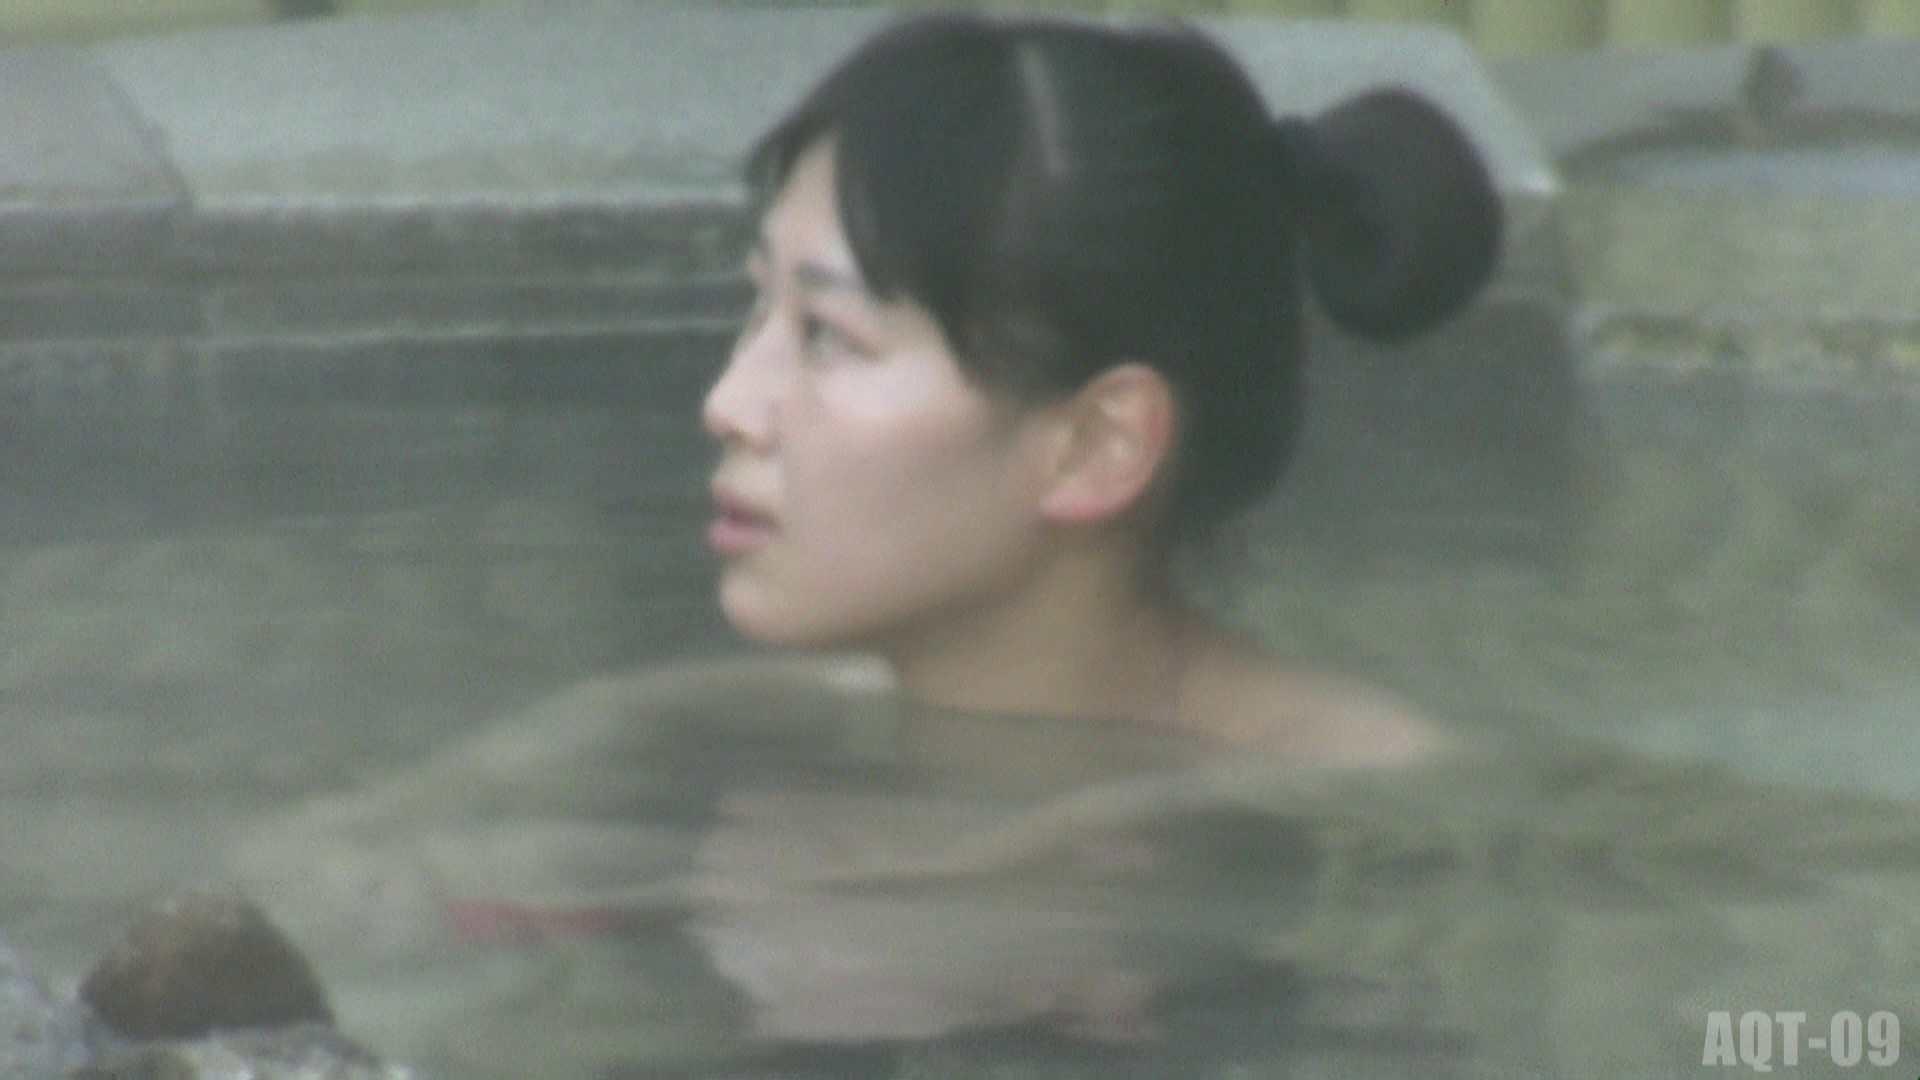 Aquaな露天風呂Vol.785 美しいOLの裸体  84pic 21